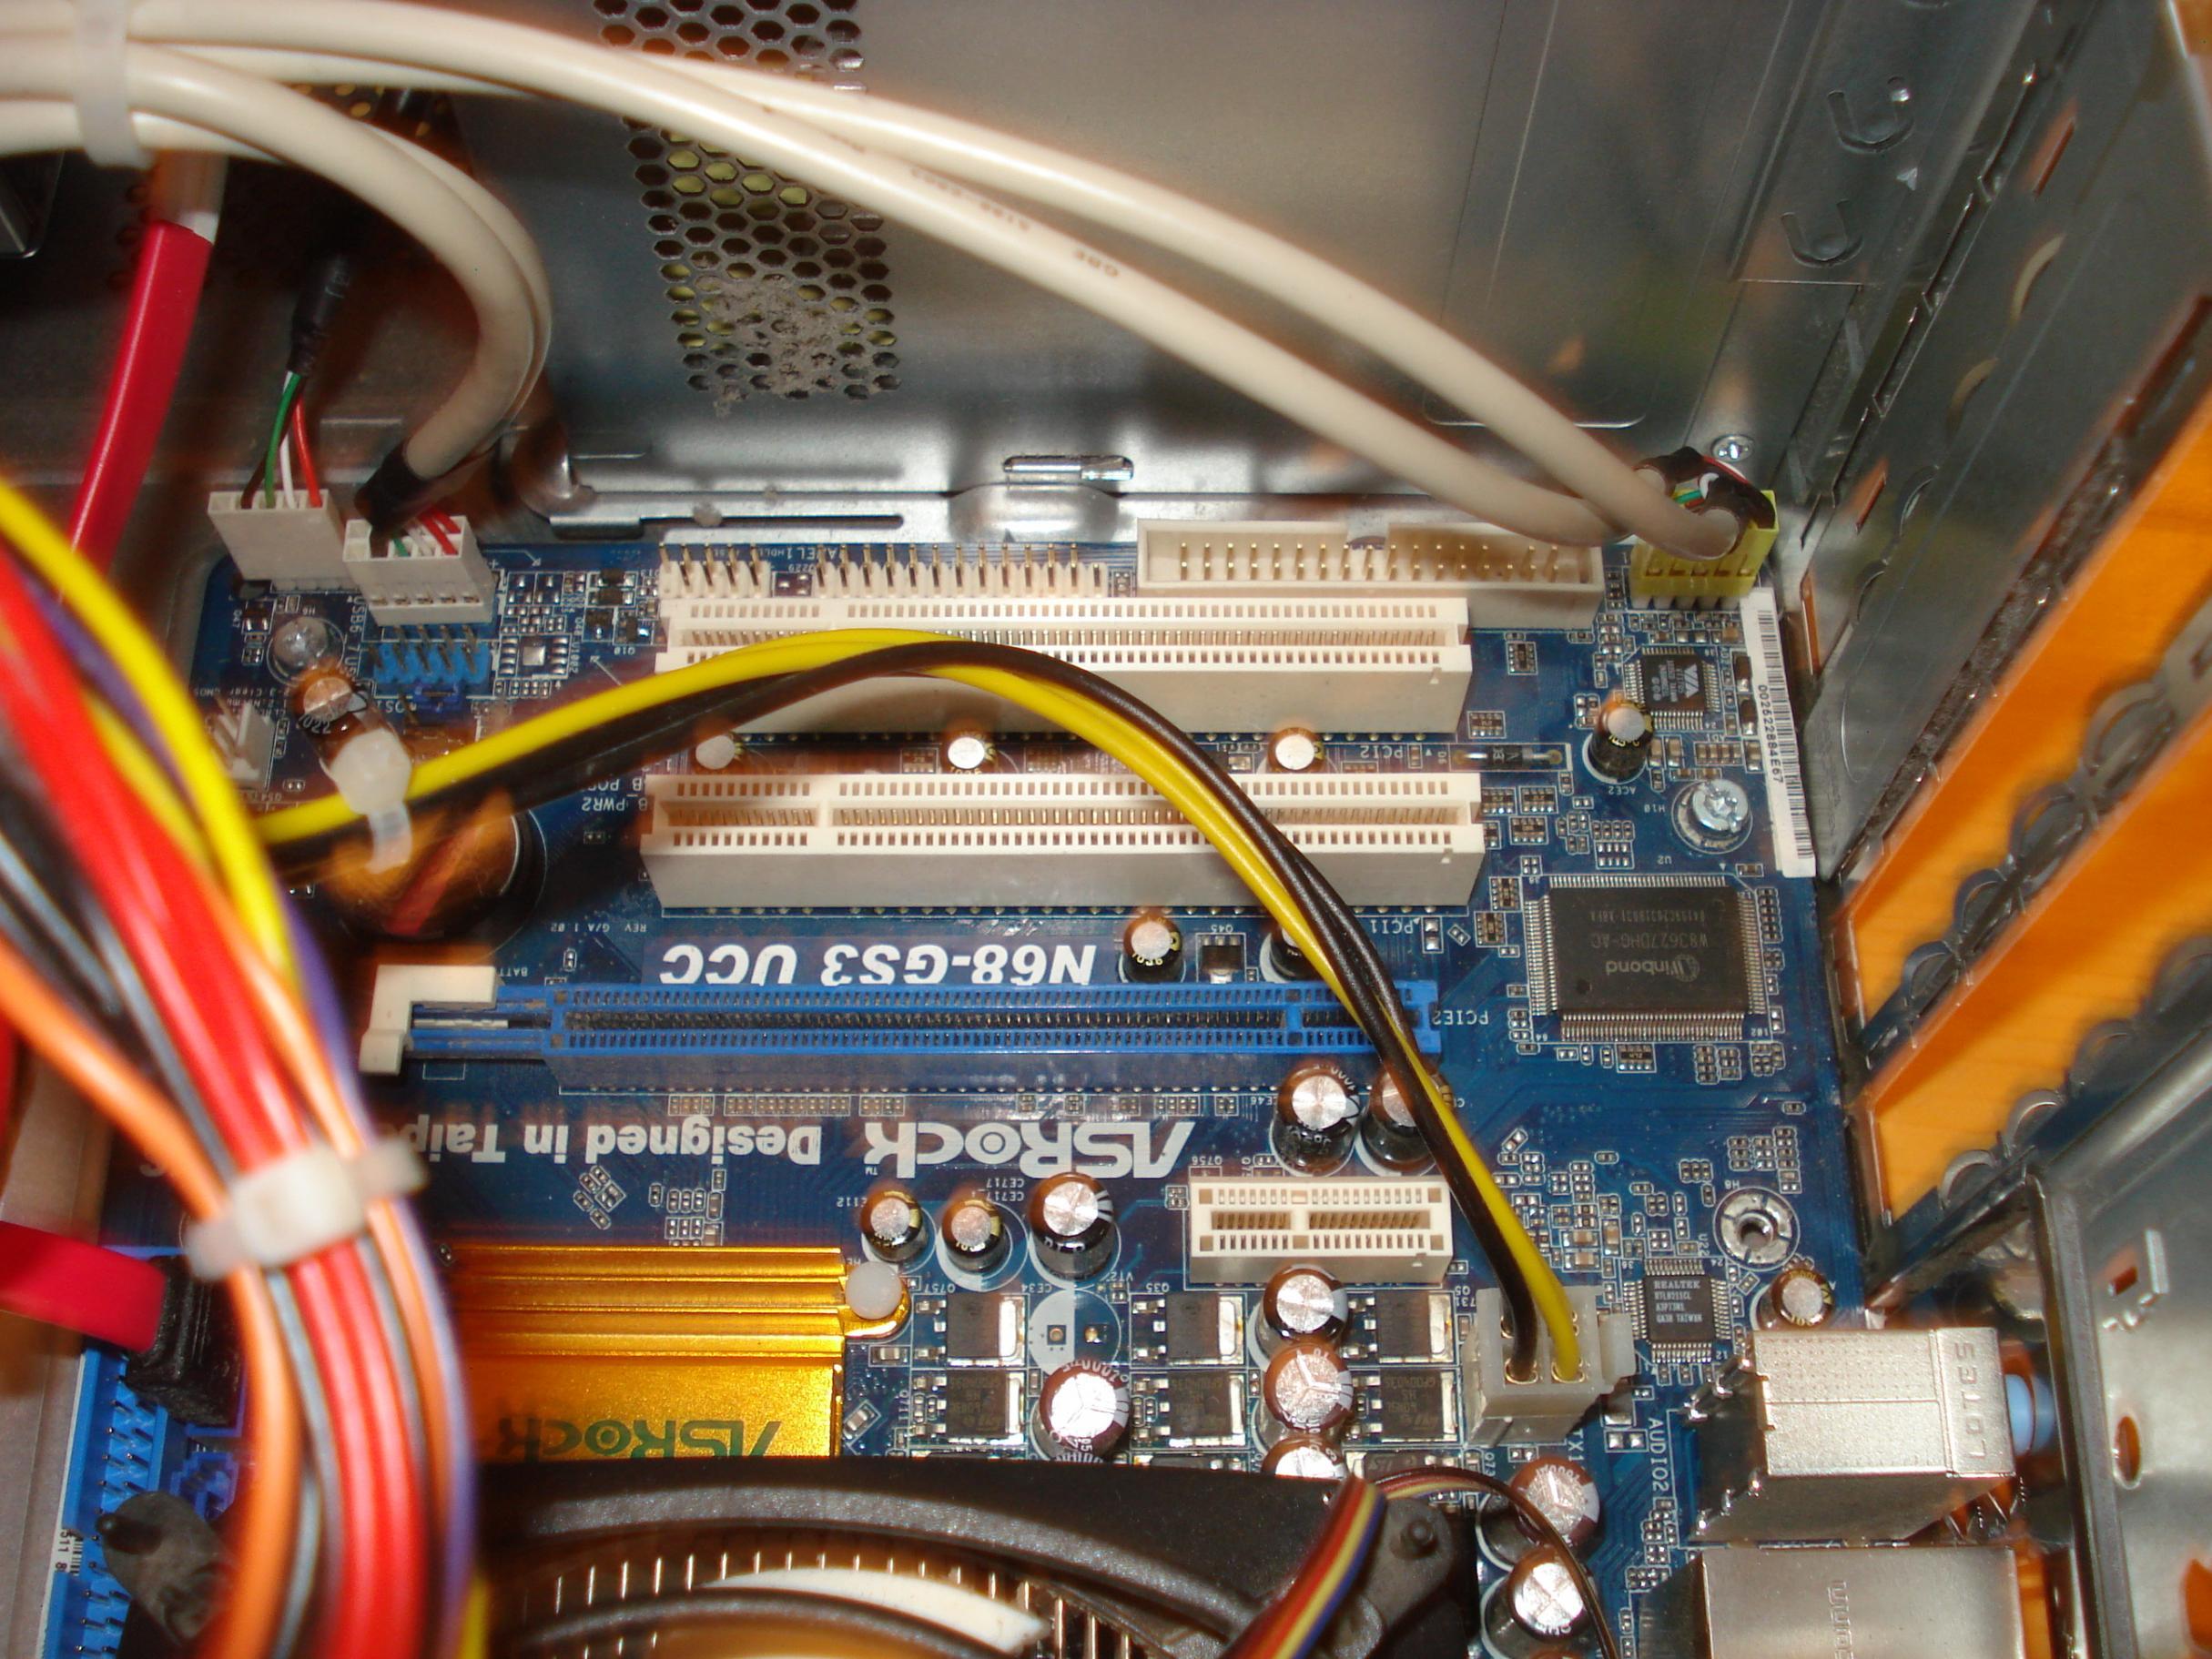 Netzteil falsch verkabelt? PC läuft nicht an. - ComputerBase Forum